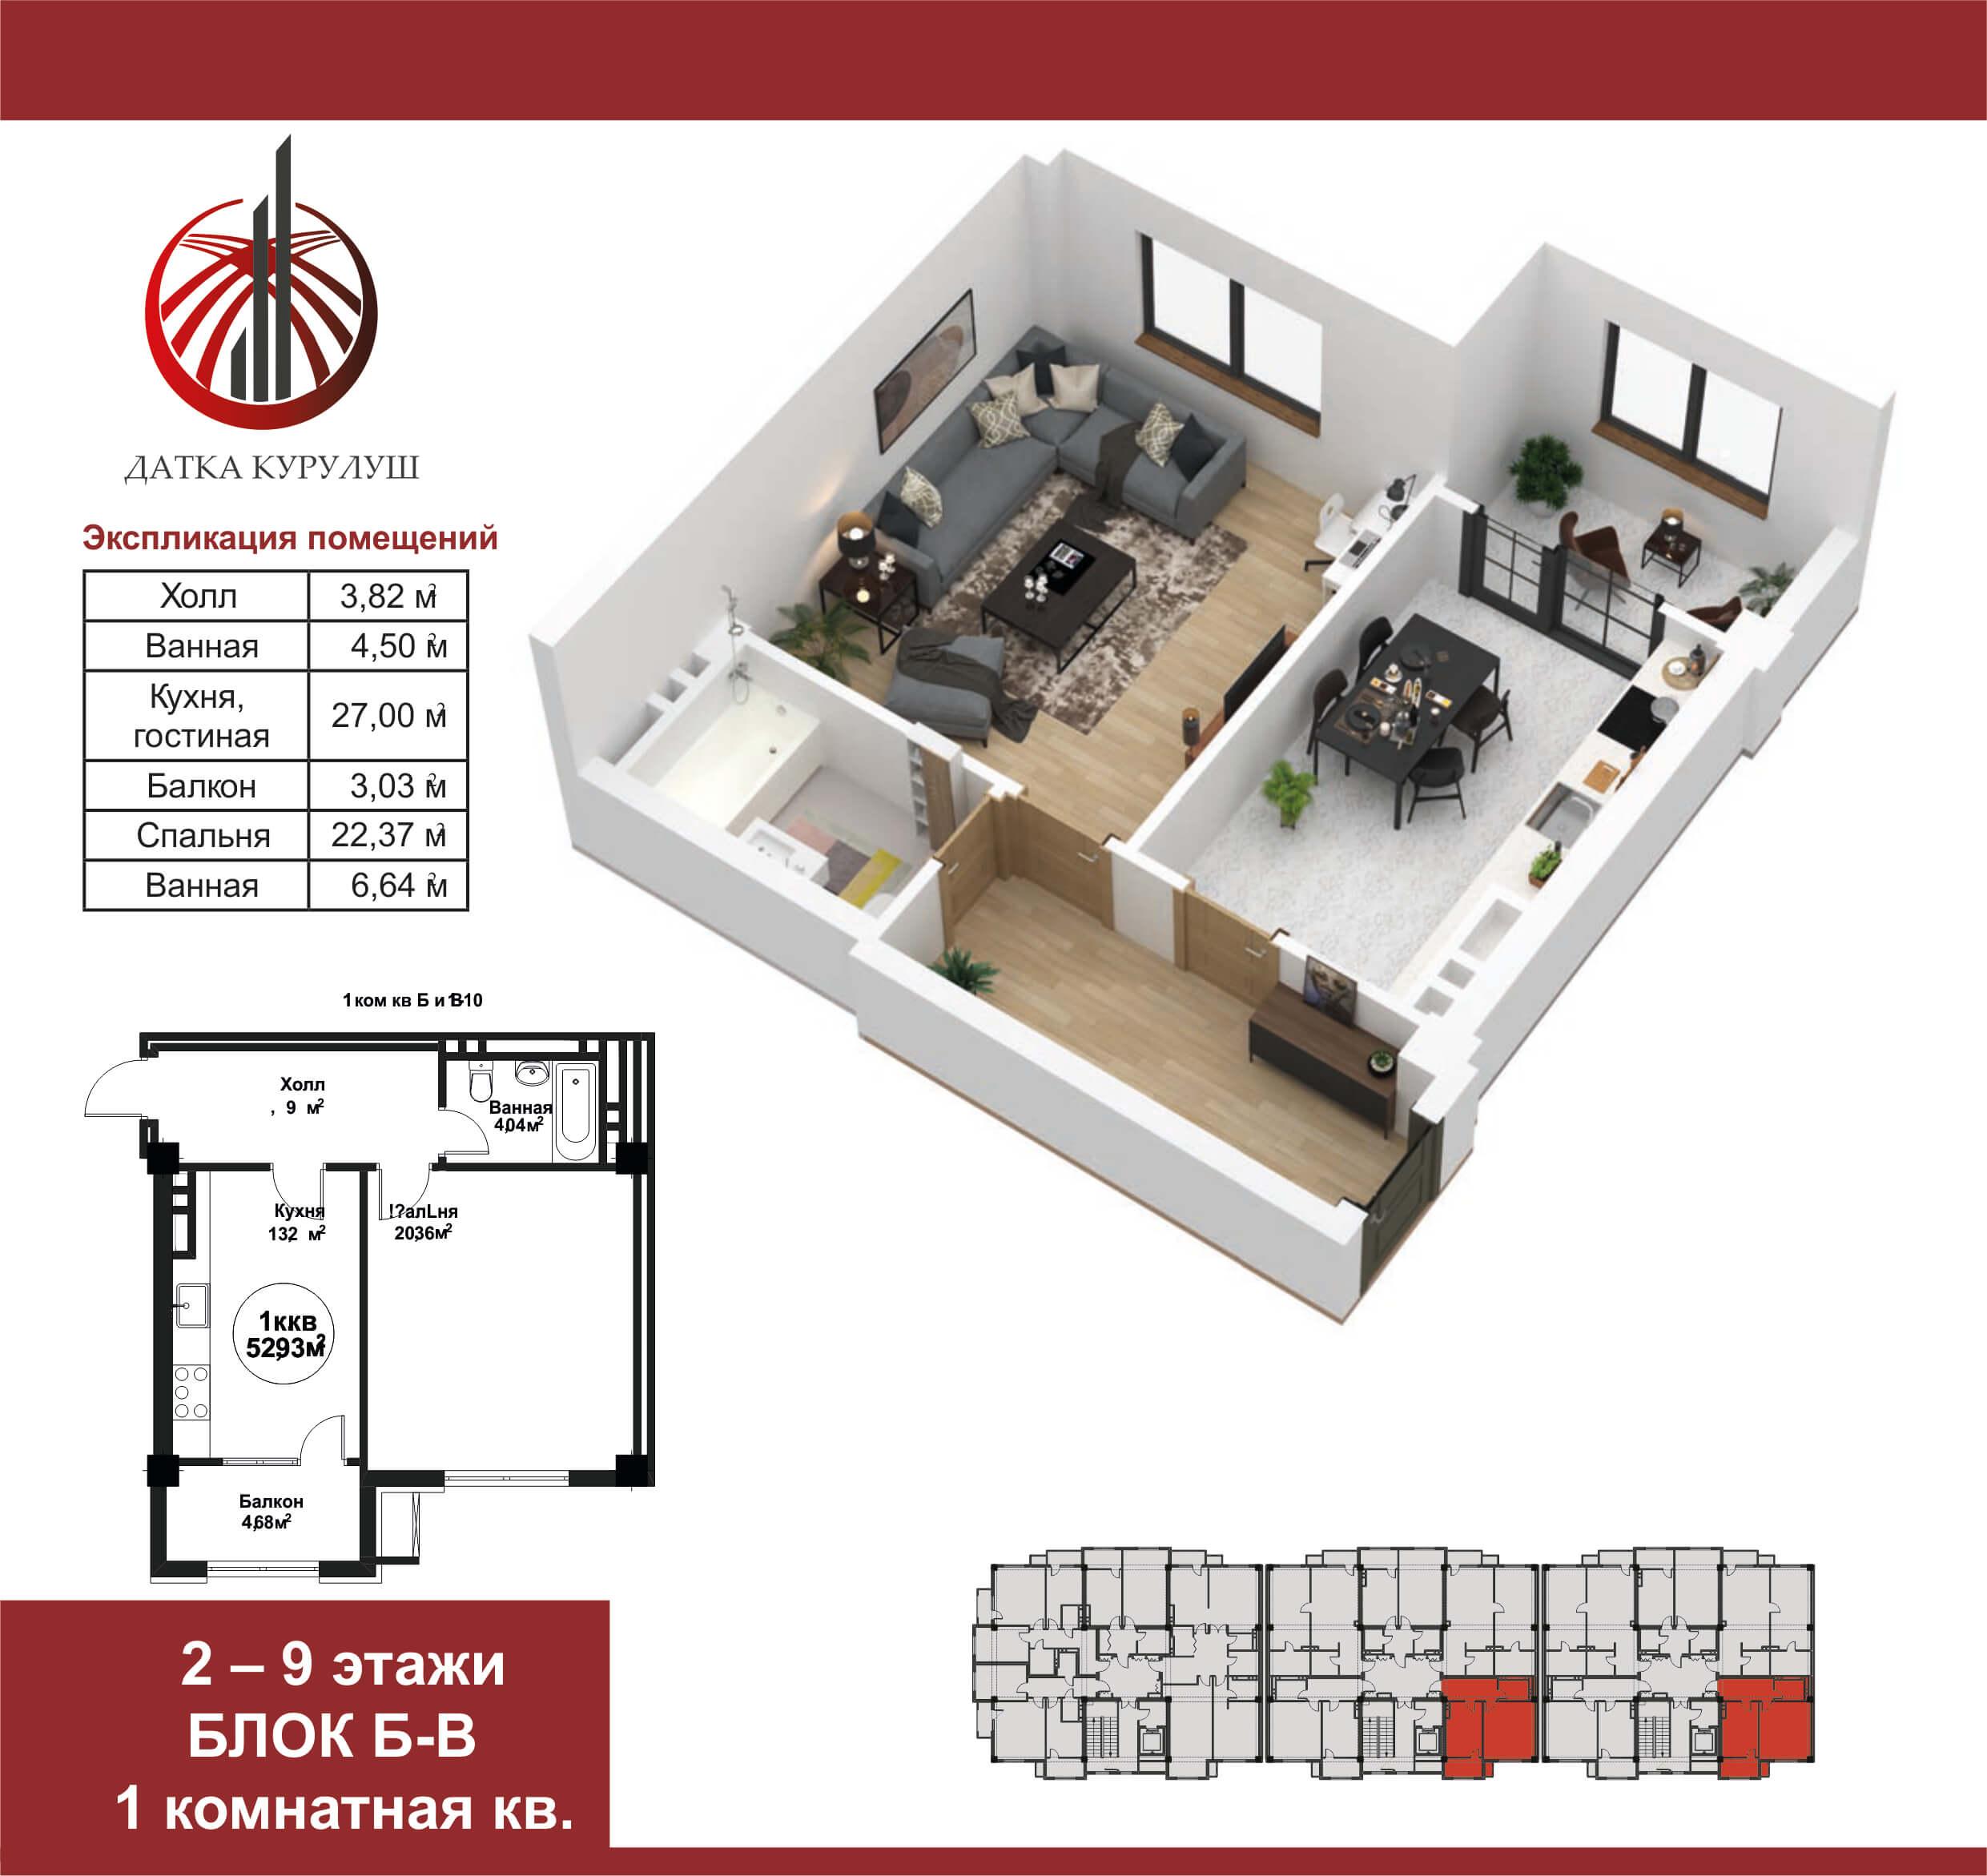 1-но комнатная квартира 52,93 кв.м.